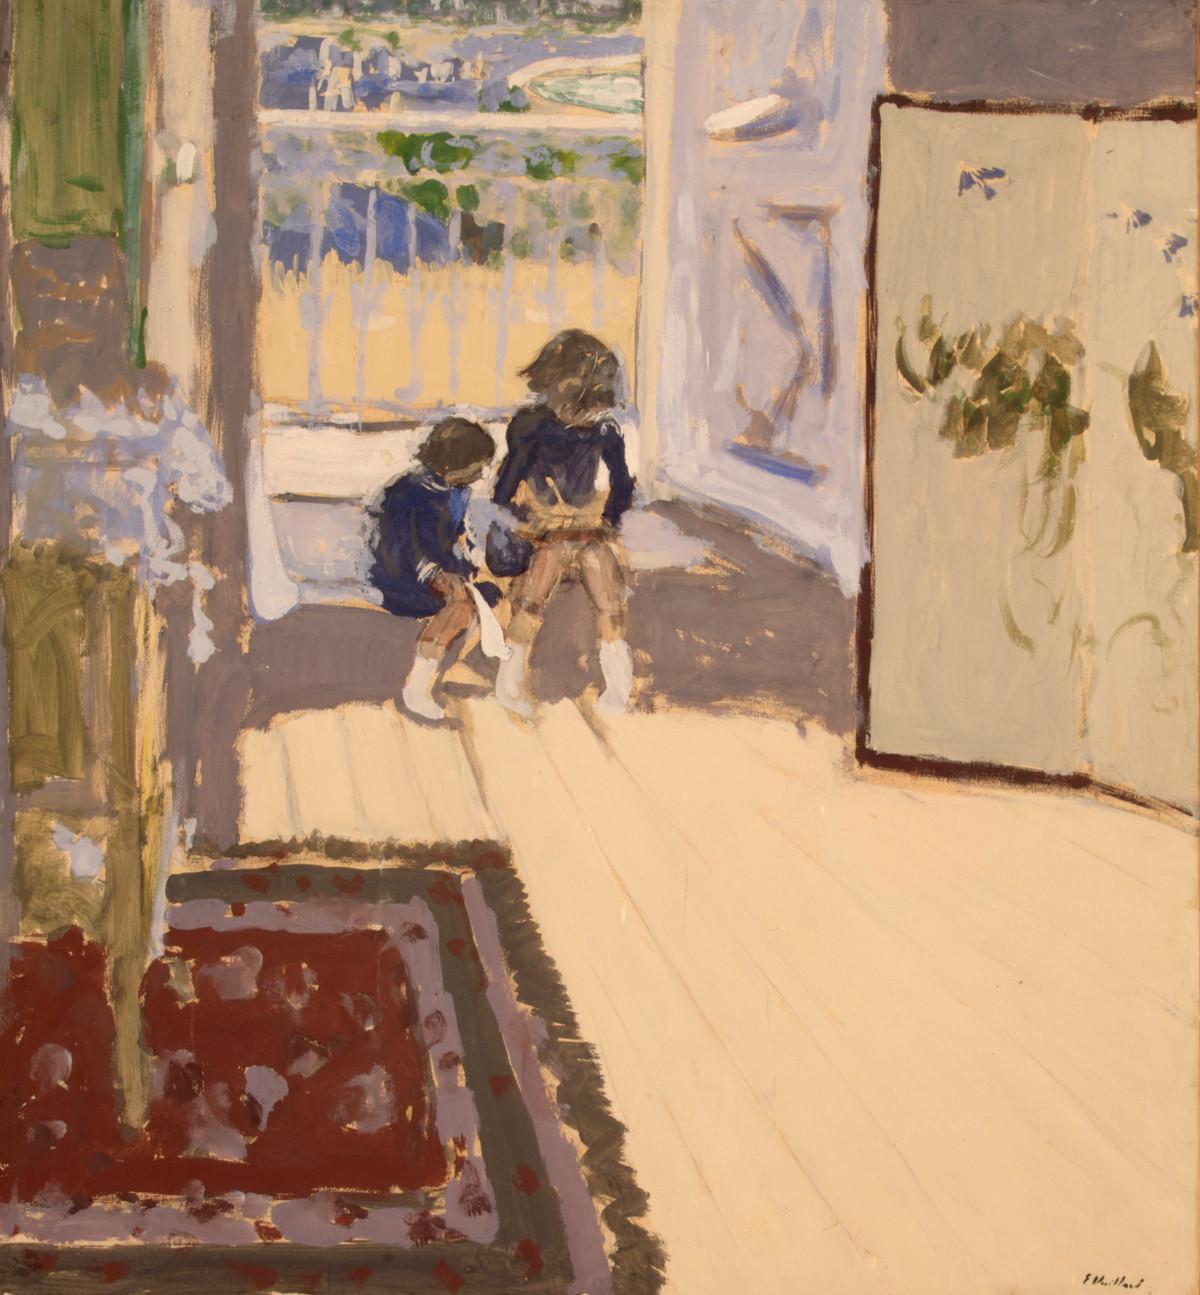 Édouard Vuillard: ''Kinderen''. 1909. Tempera op papier, geplakt op doek, 84,5 x 77,7 cm. State Hermitage Museum, St Petersburg